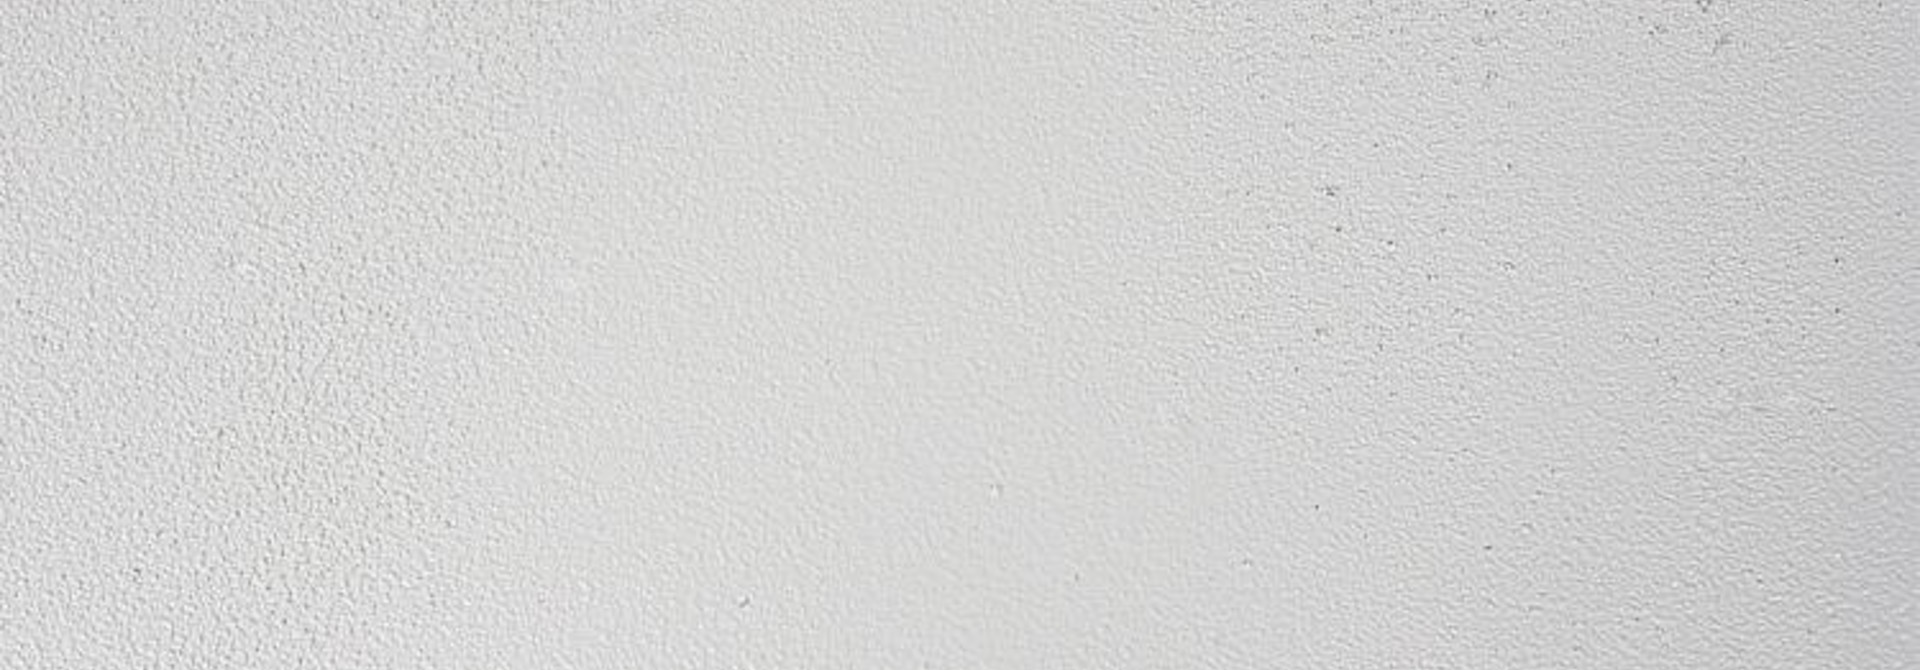 180741 bastelplatte Putz